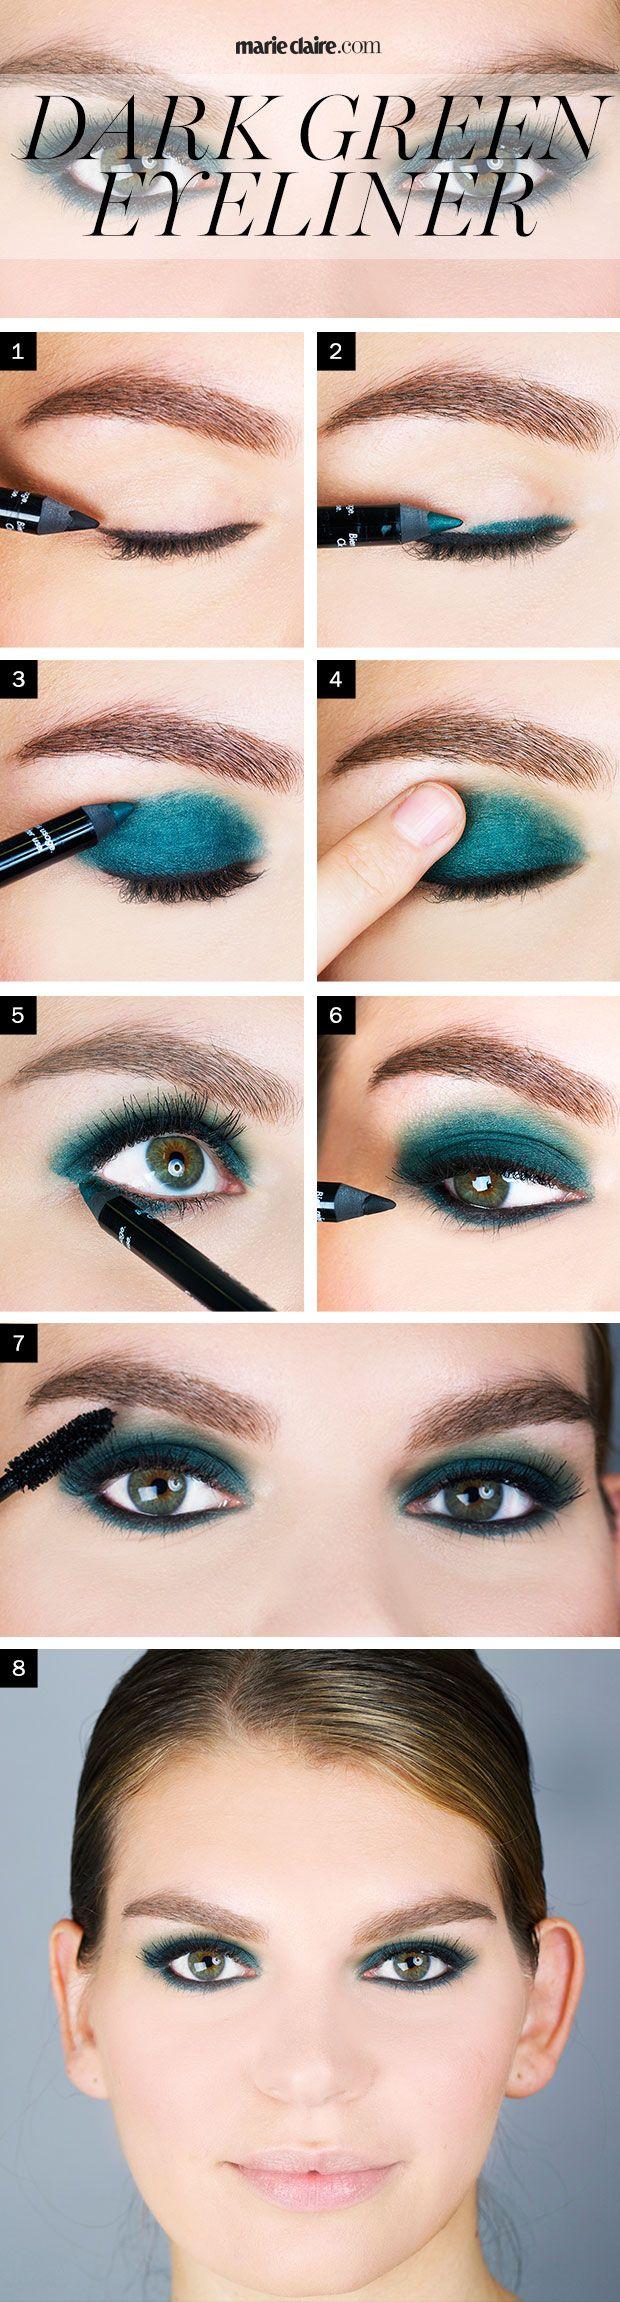 Technique simple de maquillage au doigt pour les yeux, couleur bleu,